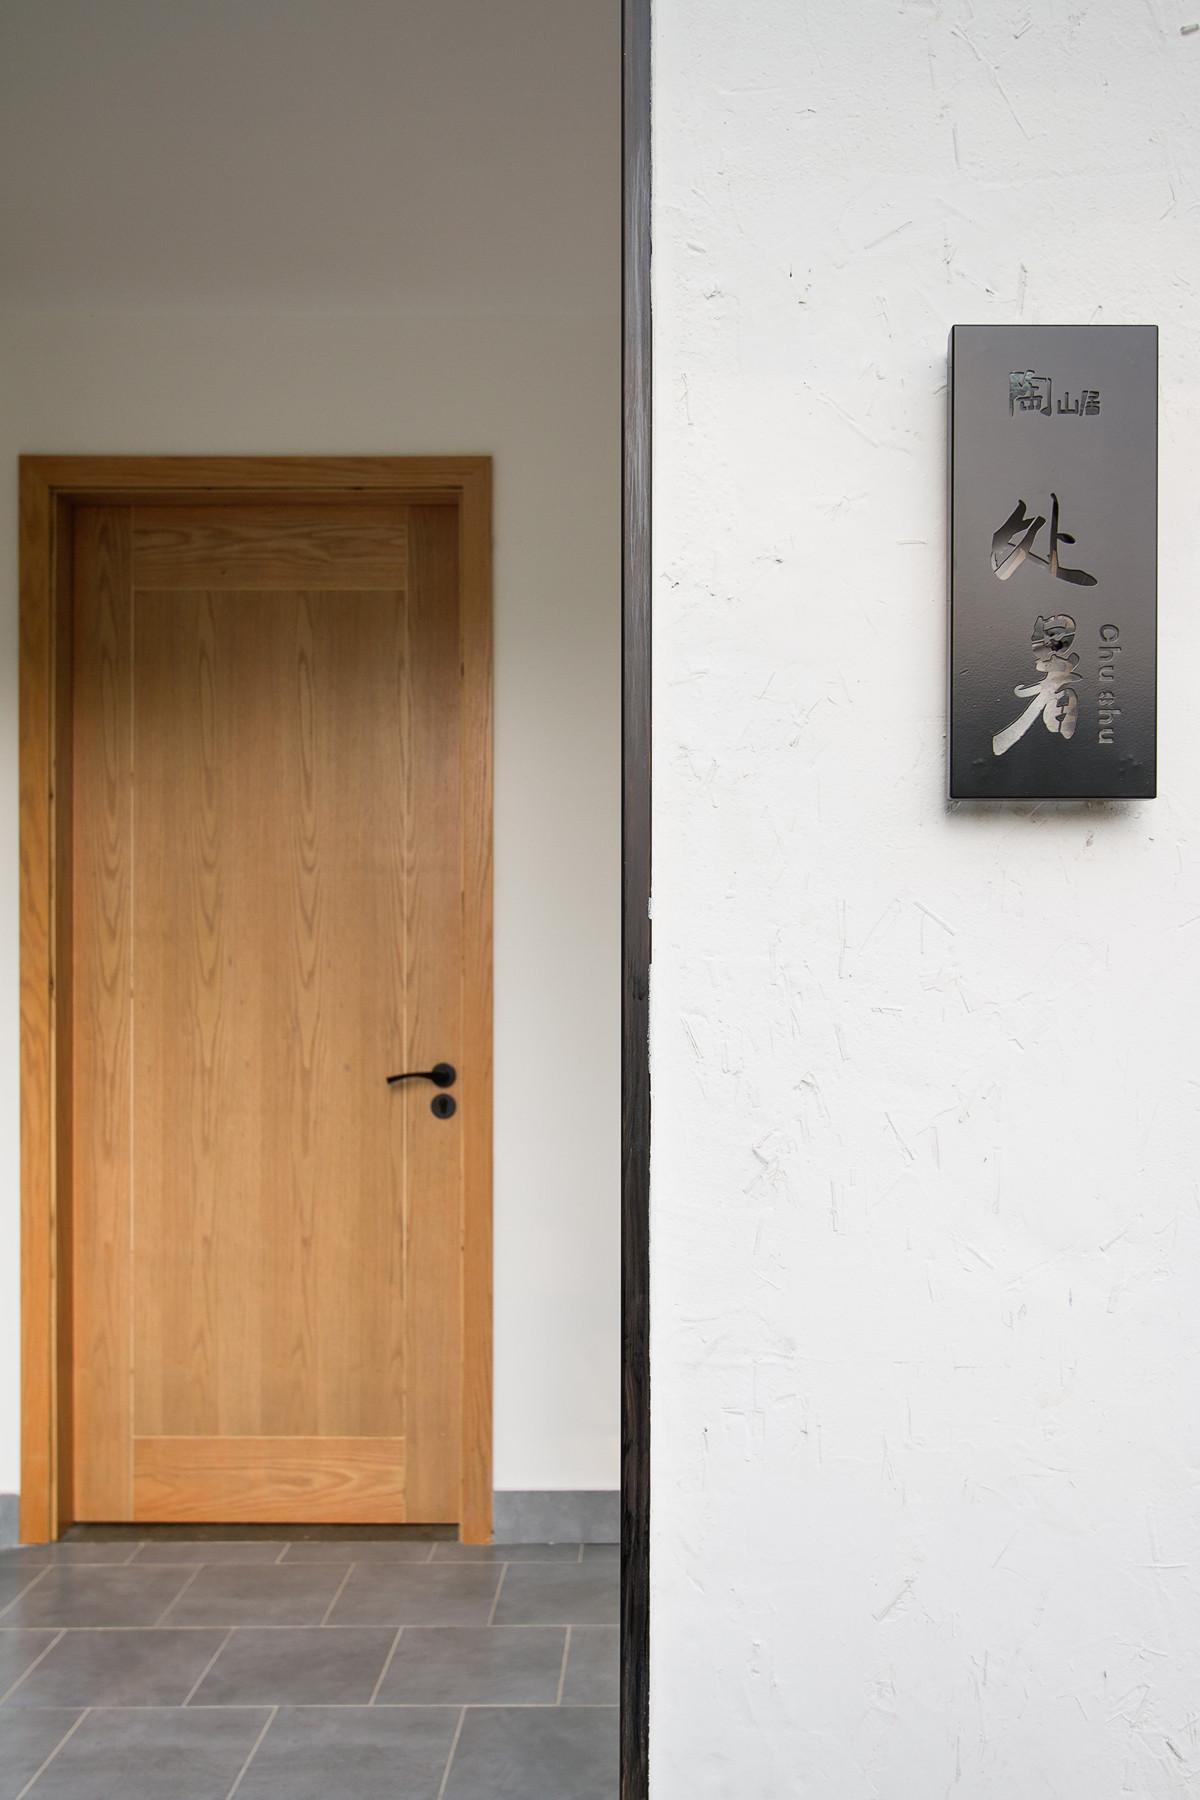 复古民宿装修墙面门牌设计图